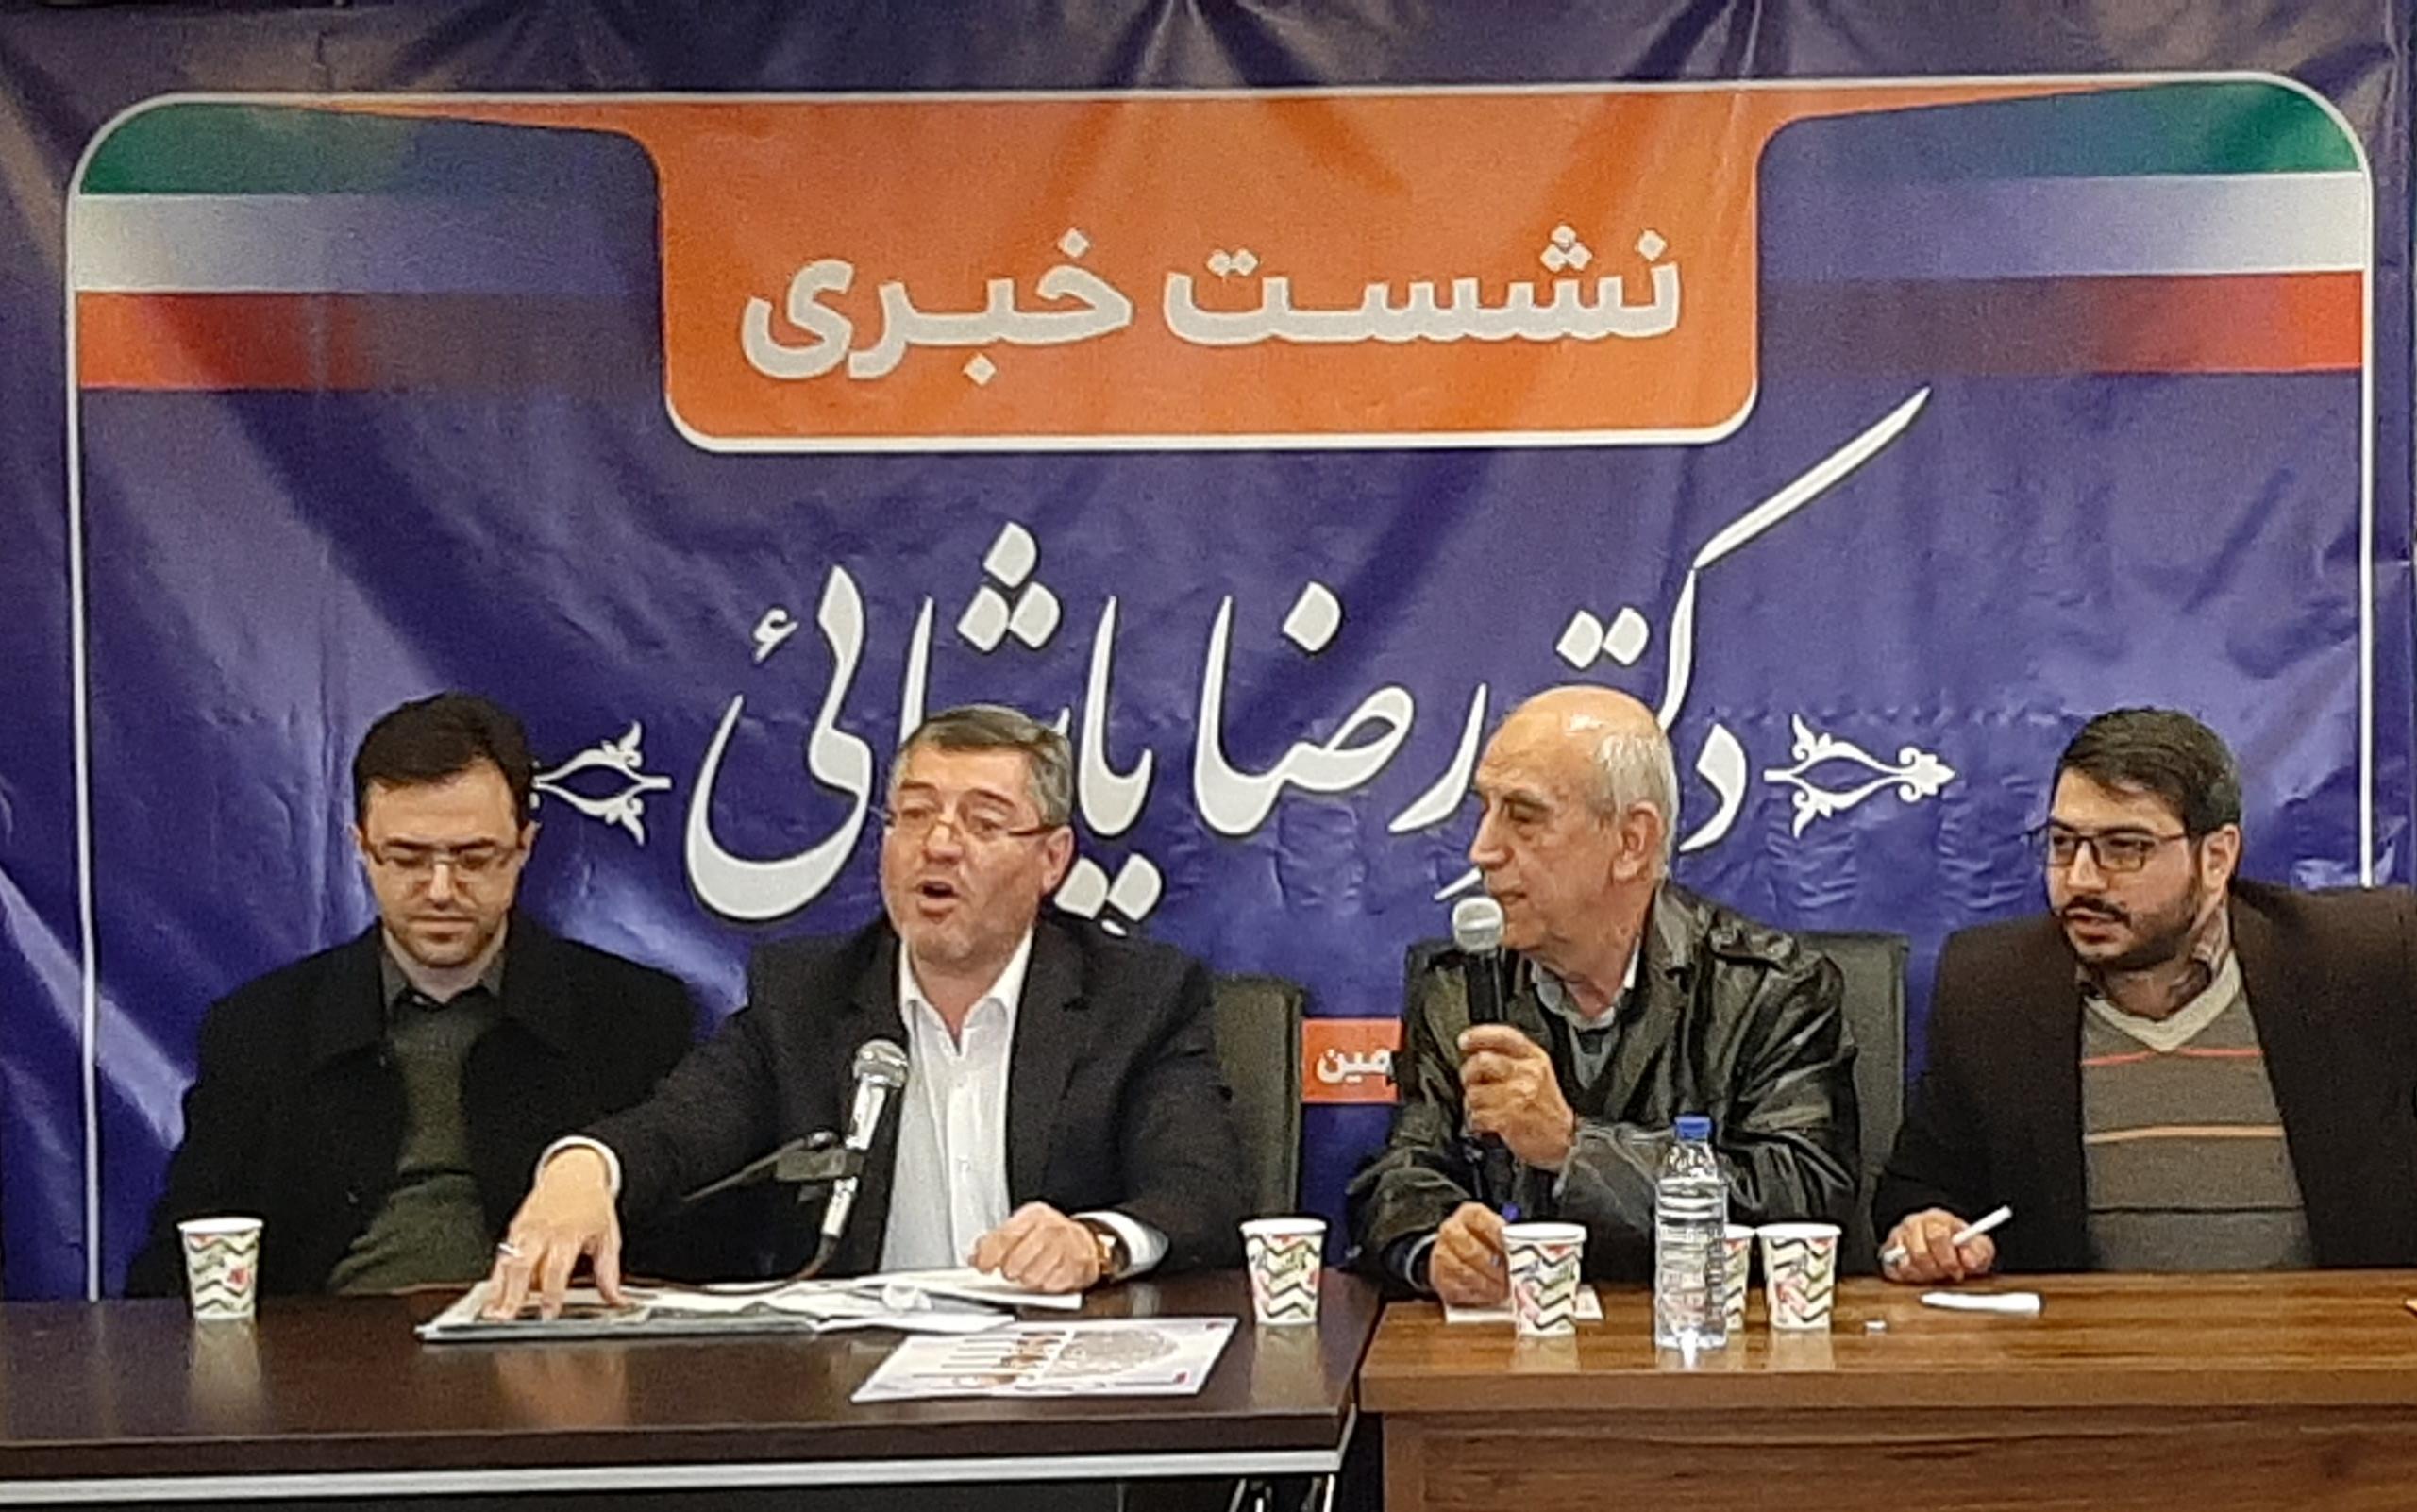 رضا پاشایی: من با احزاب انتخاباتی که یک روز بروز می کند و روز بعد از بین می رود مخالفم